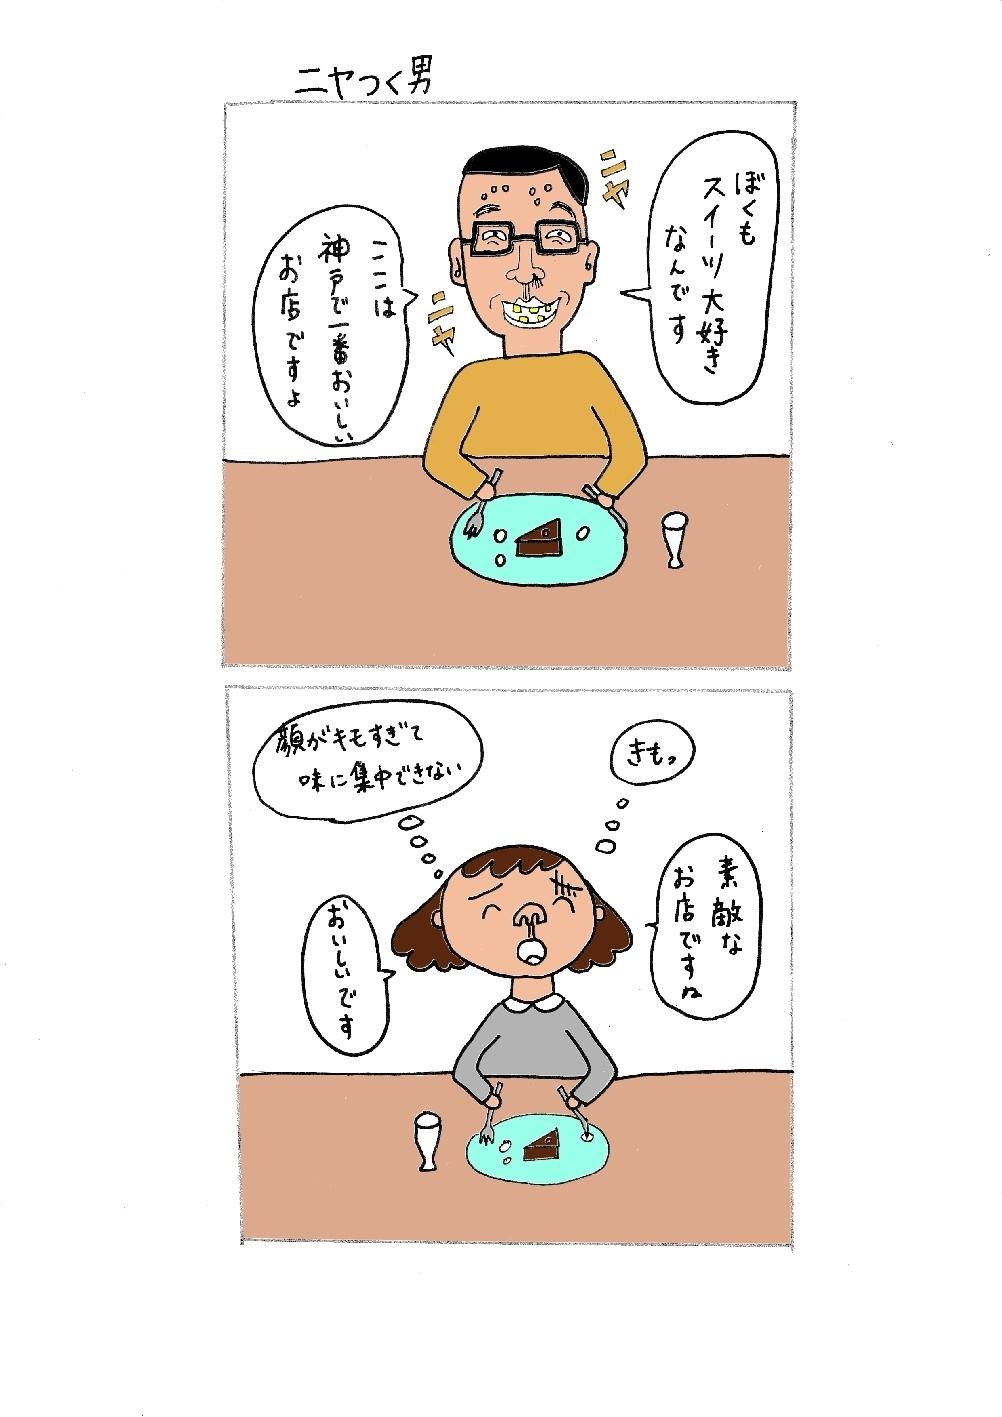 ニヤつく男①.jpg